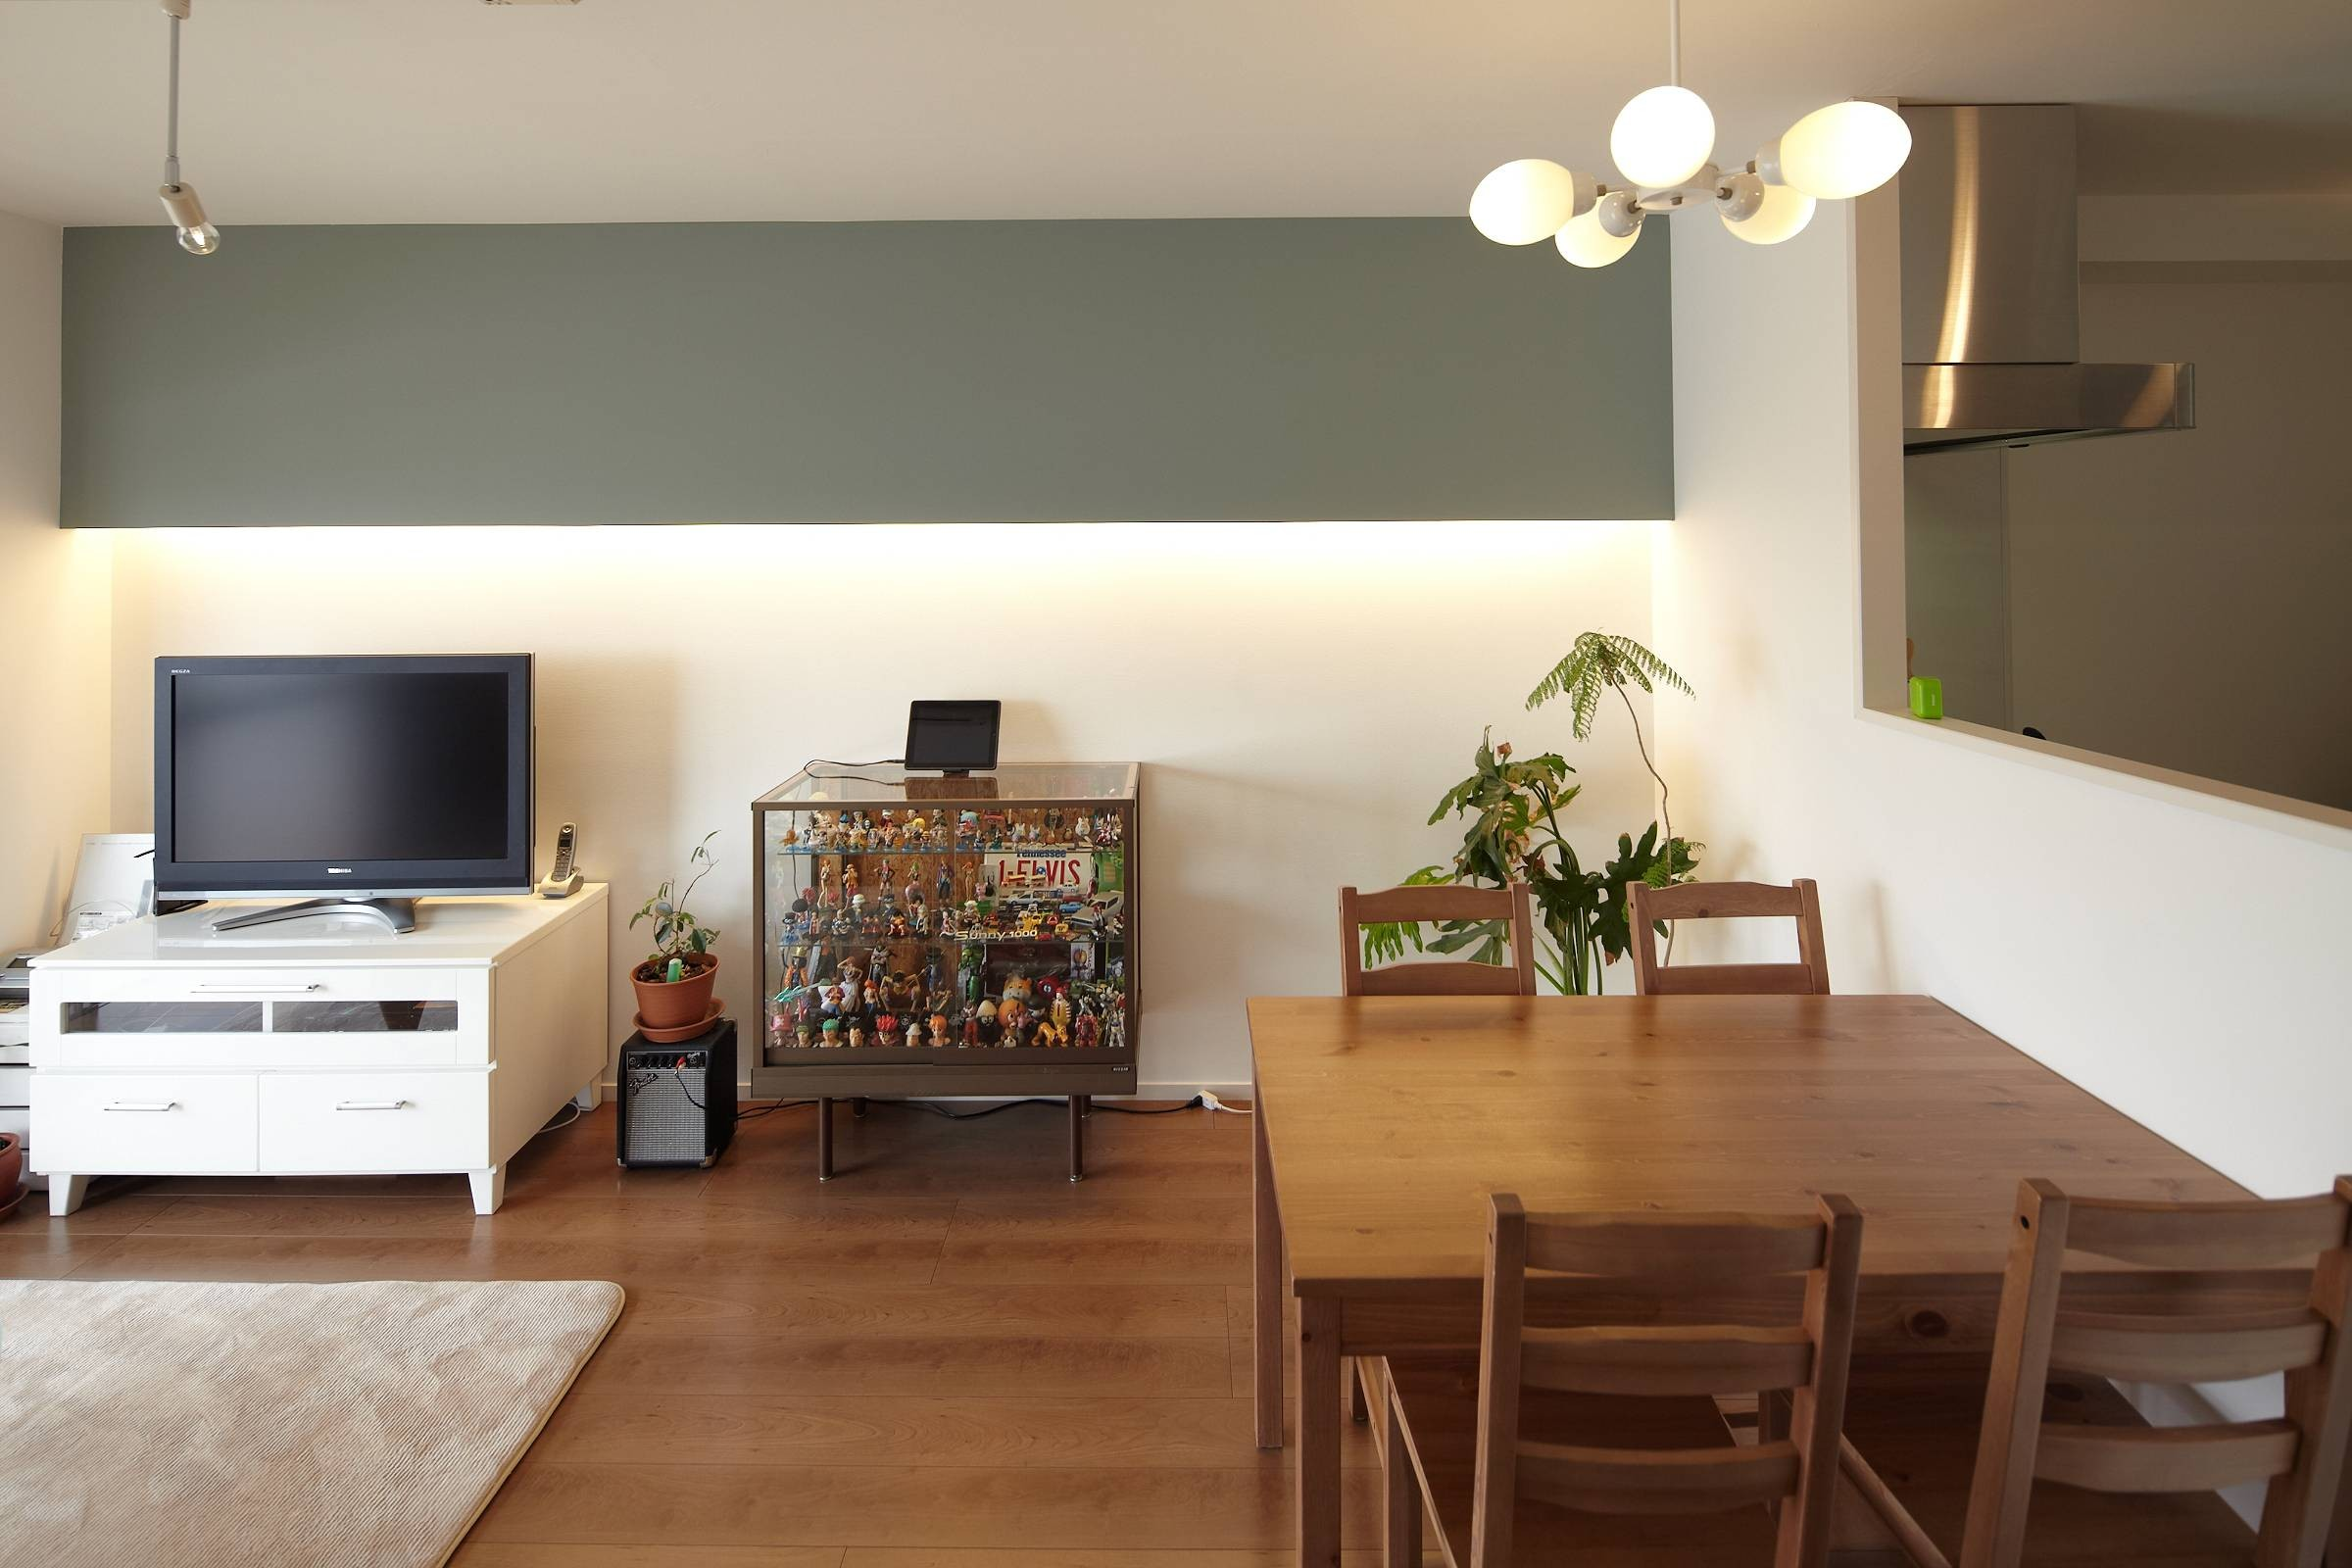 リビングダイニング事例:カフェのようなダイニング(千葉県A邸【60年代のカフェにいるような居心地の良い空間】)